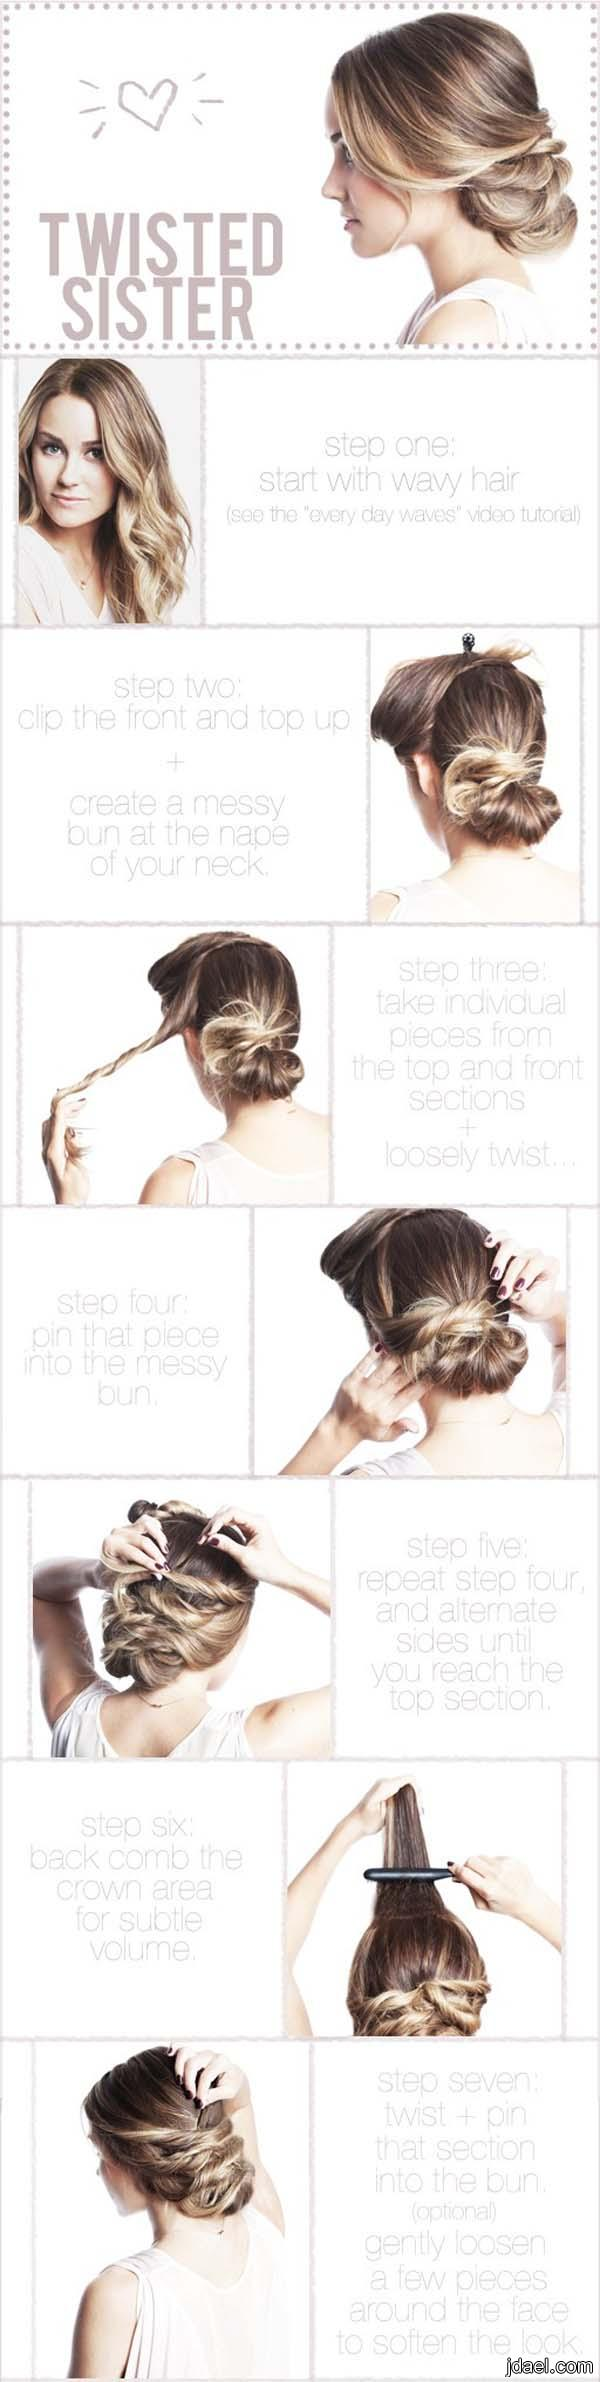 صور تسريحات شعر فرنسيه سهله بالصور بقمة الجمال للبنات